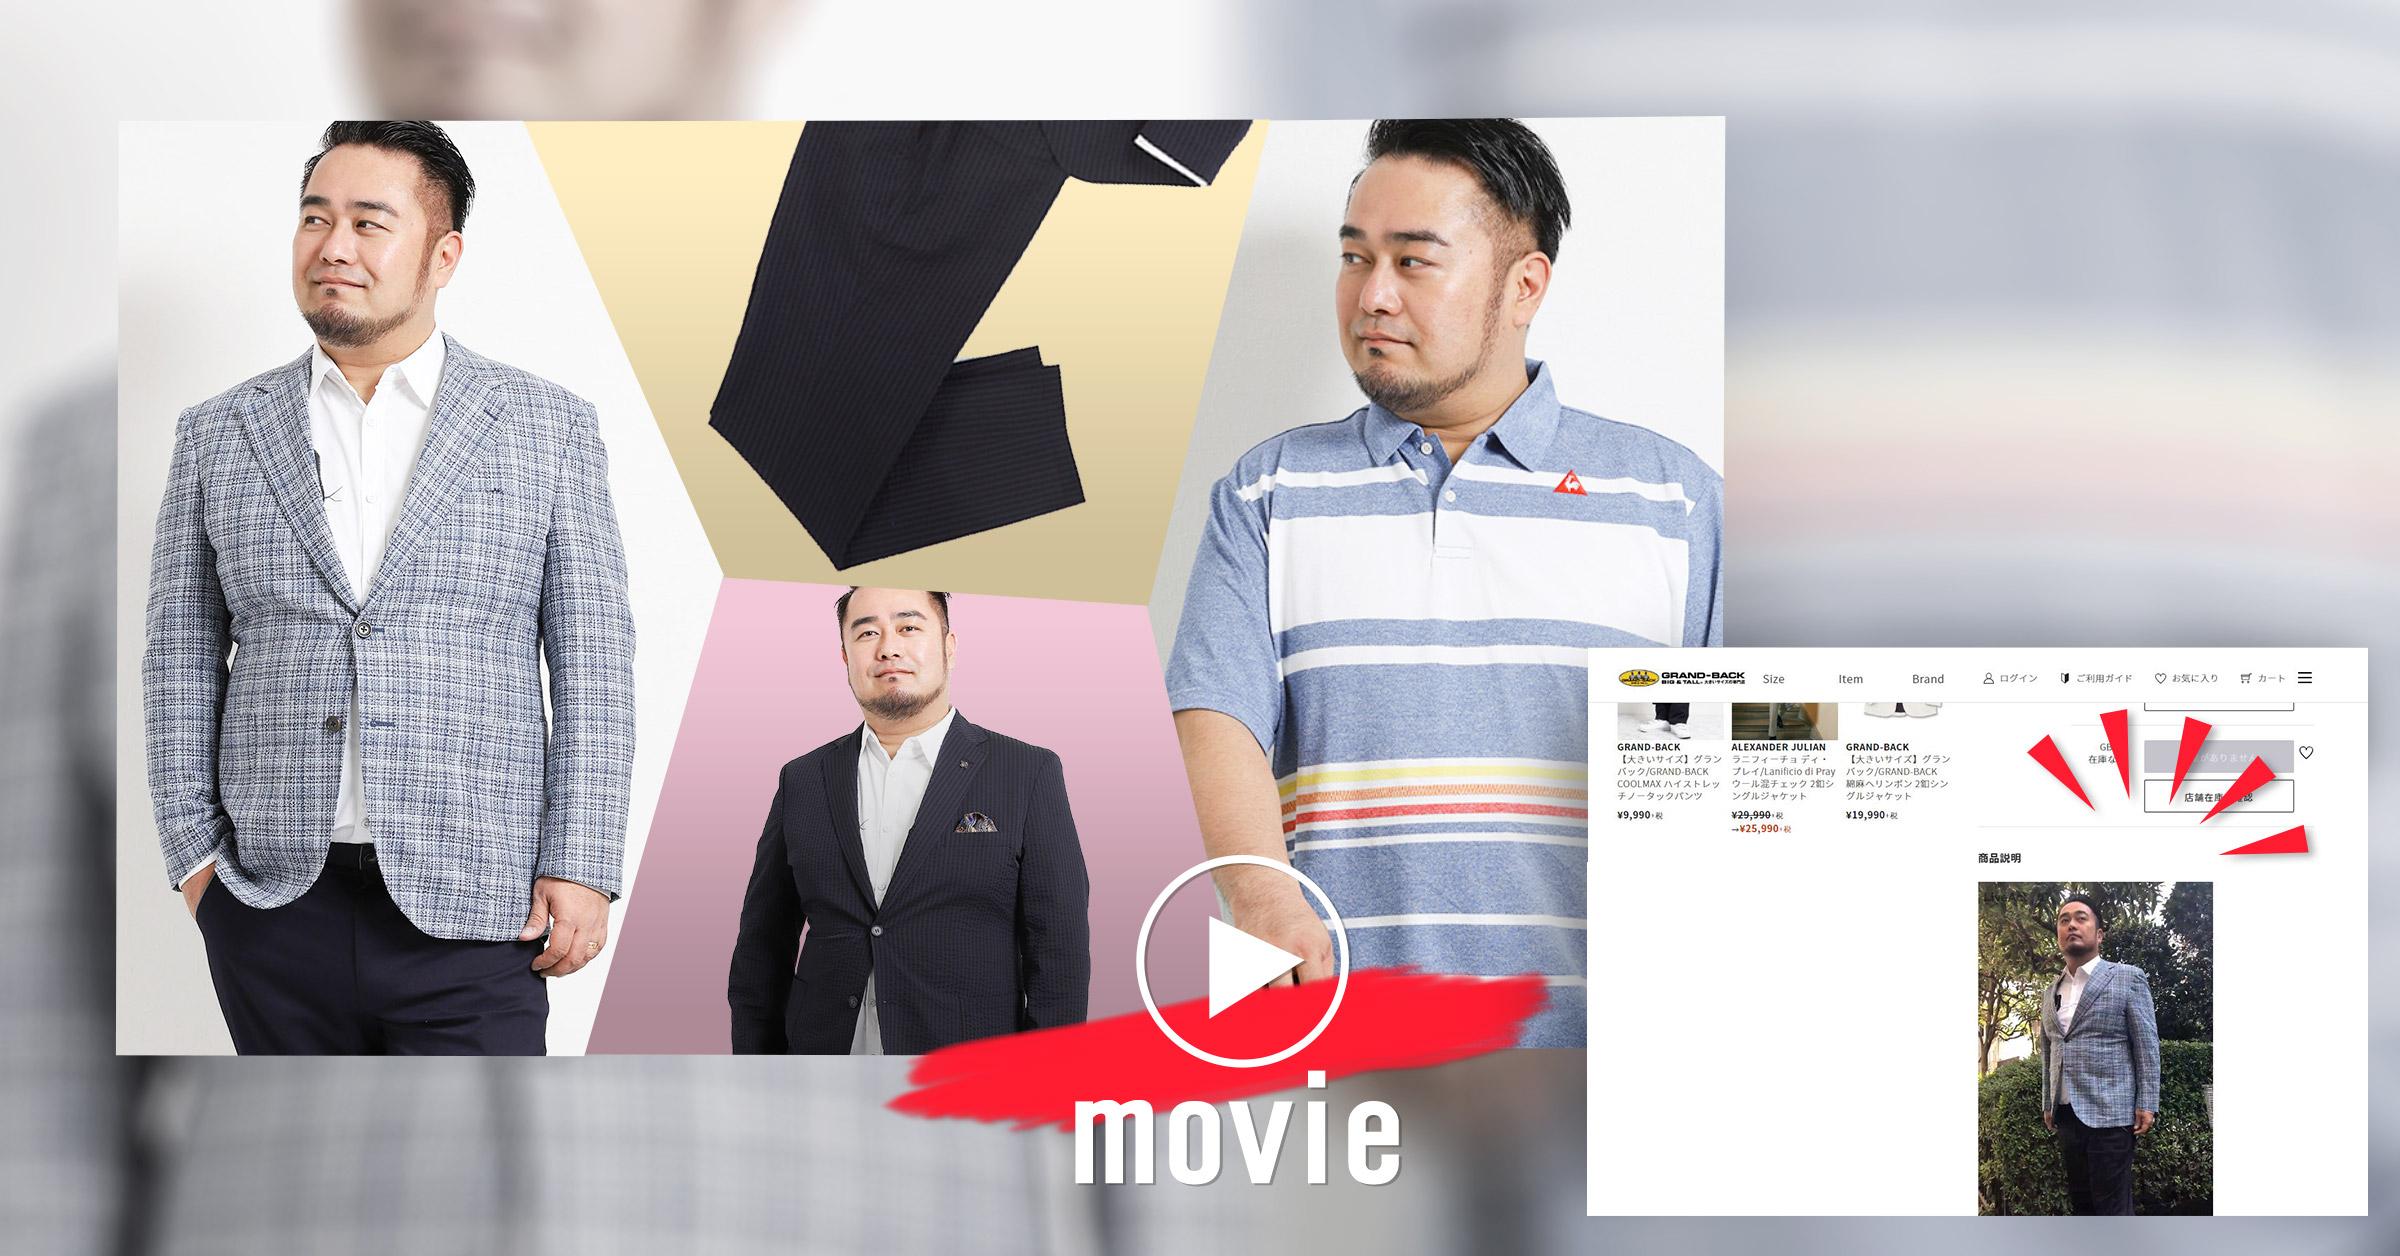 【MOVIE】動画掲載アイテム